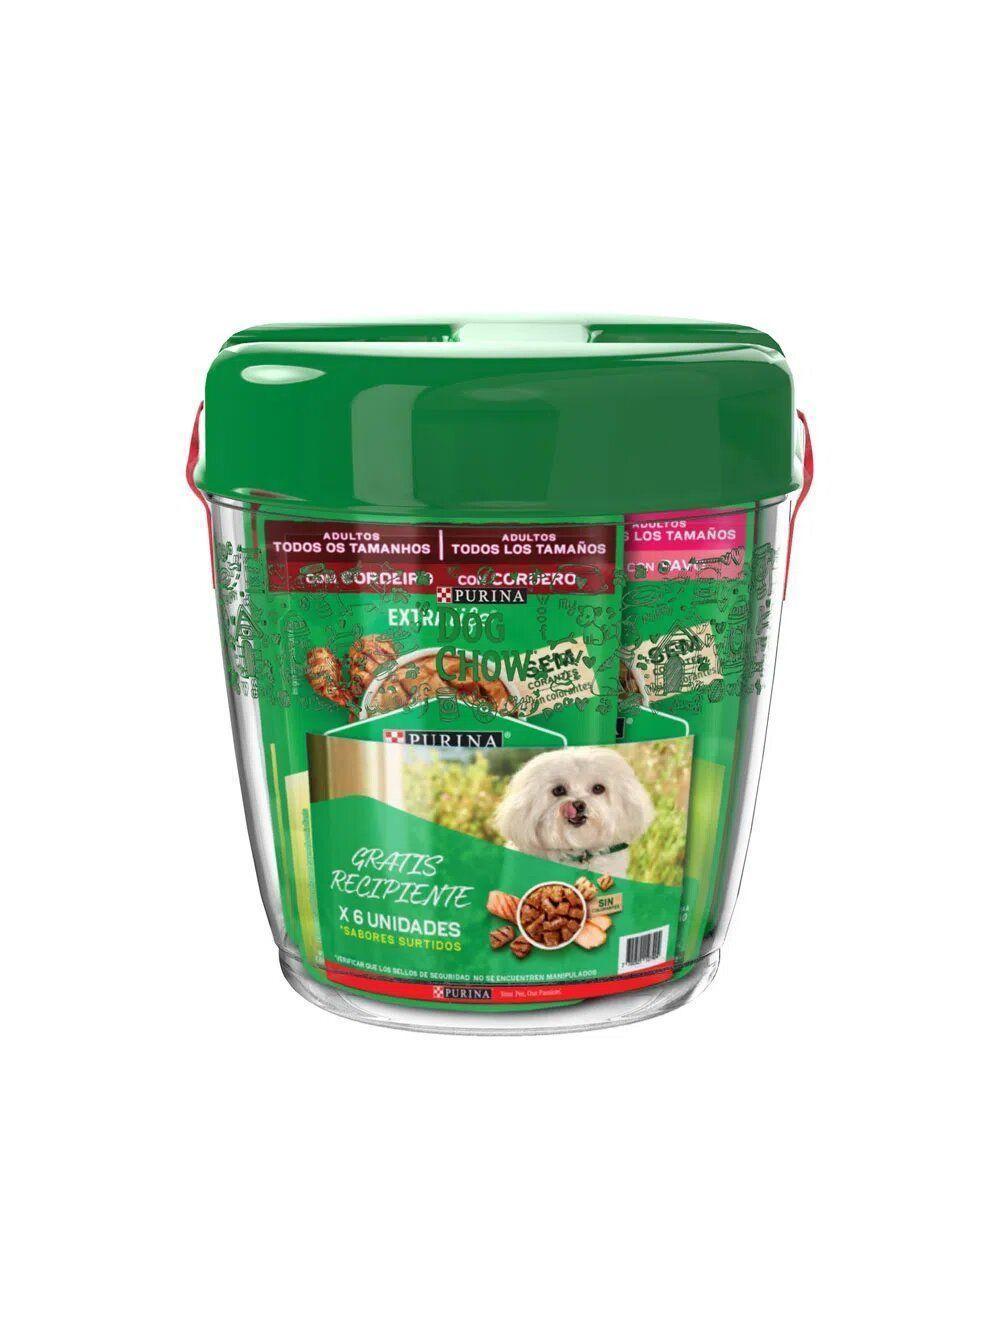 Comida Dog Chow Pouch Surtido x 6 Pote - ciudaddemascotas.com